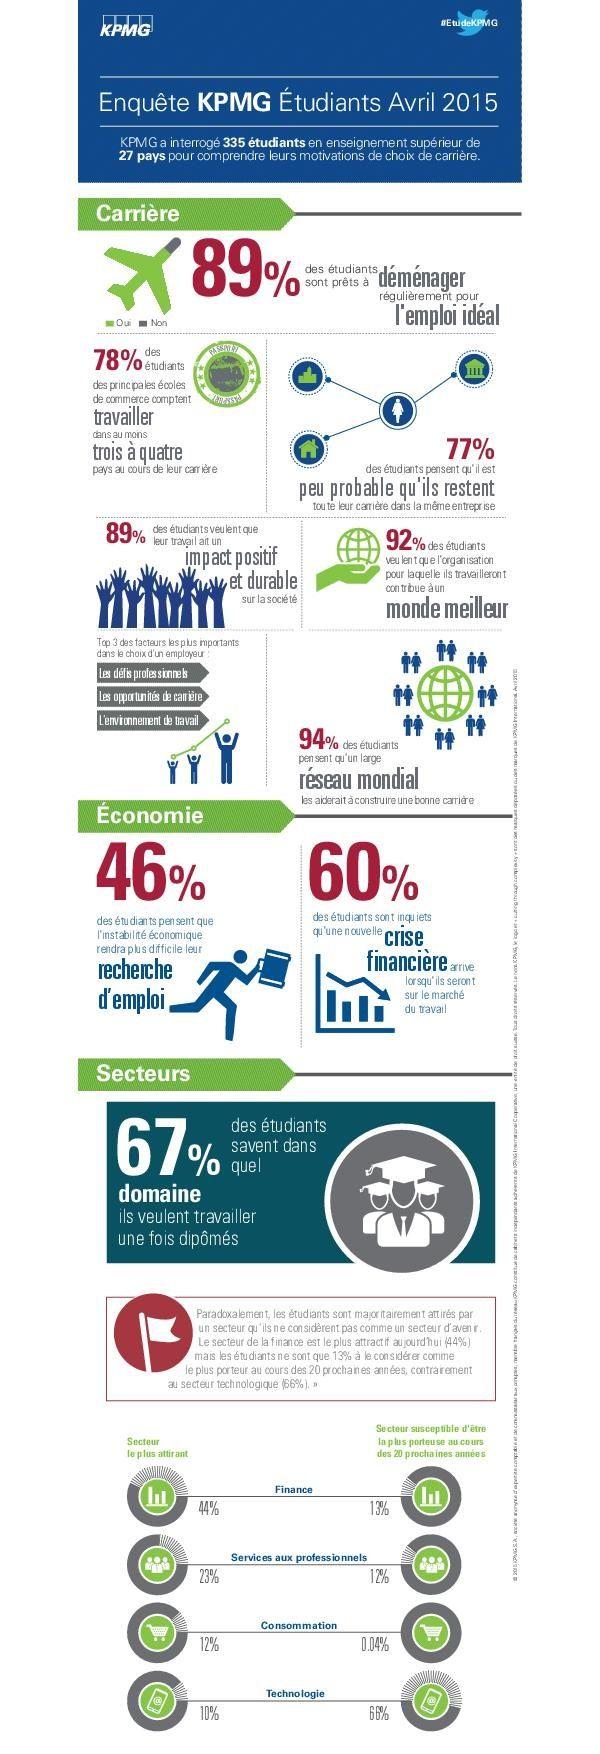 Infographie Les Motivations De Choix De Carriere Des Etudiants Dans Le Monde Teaching